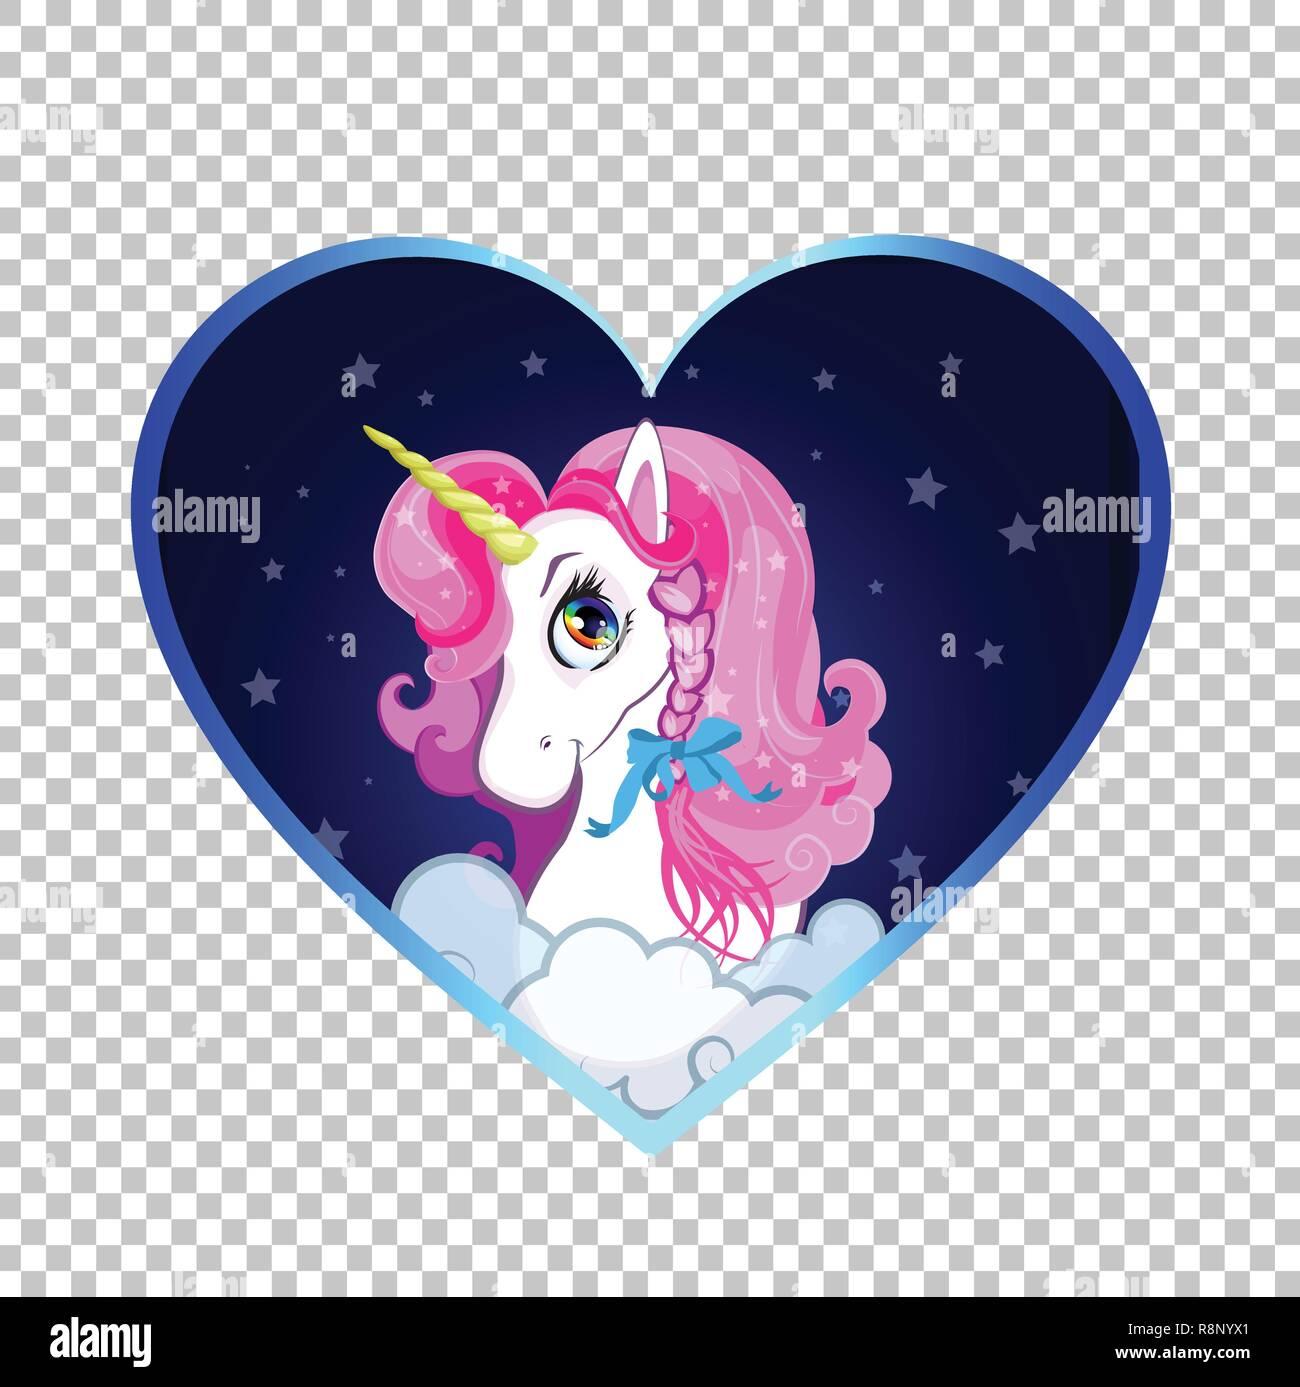 Coloriage Tete Licorne En Amour.Poney Blanc Dessin Anime Avec Tete De Licorne Criniere Rose A L